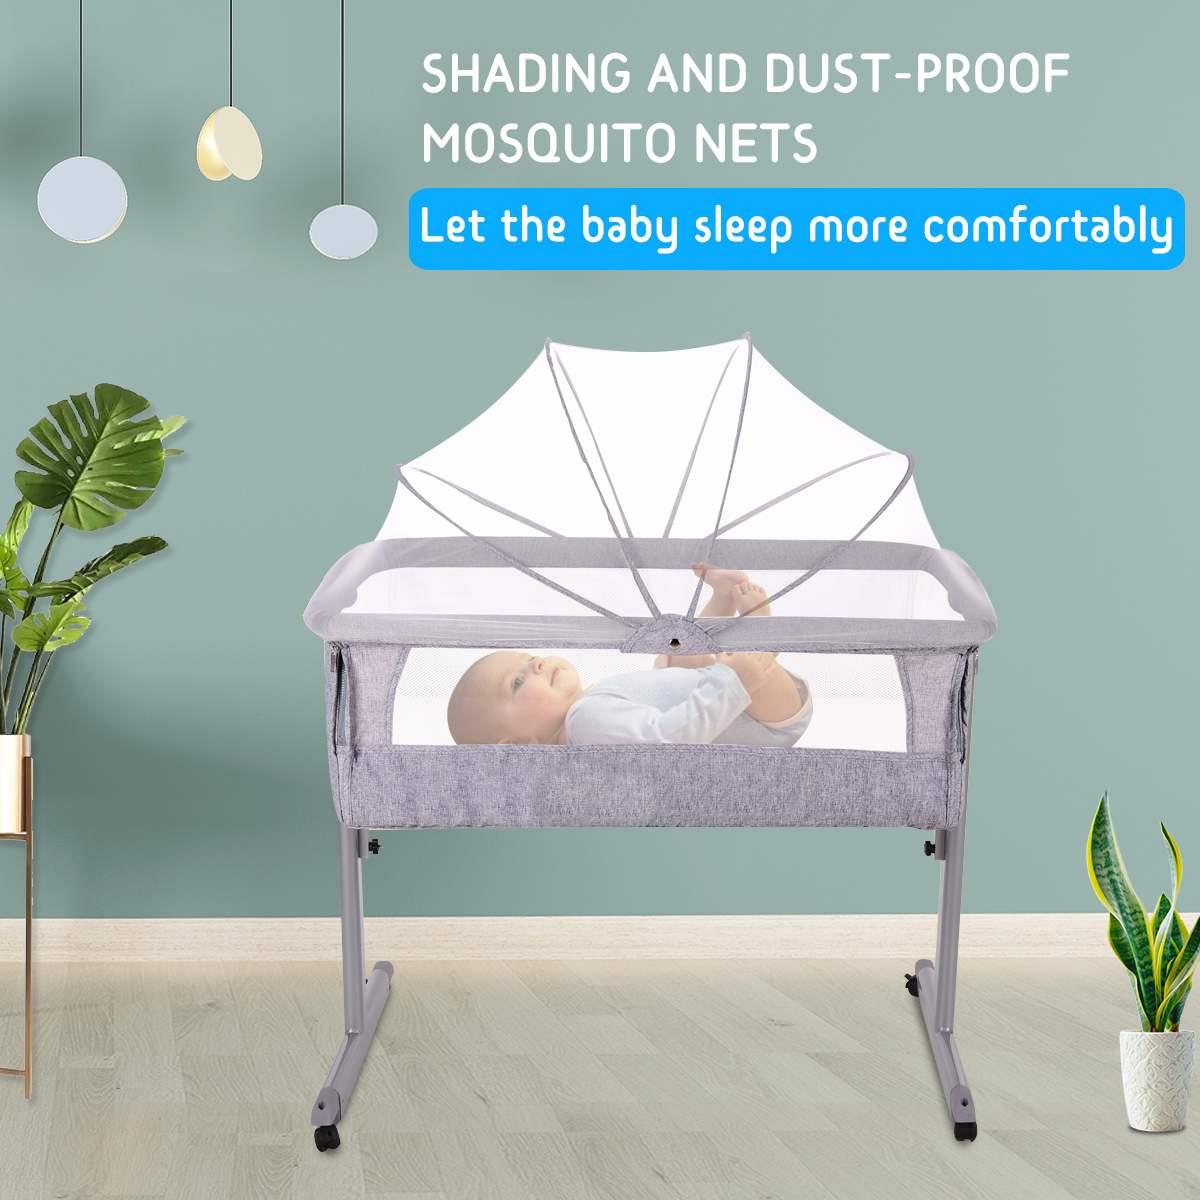 Meubles de lit de soin de bébé Portable bébé voyage dormeur lit couchette respirant pliant berceau enfant en bas âge avec moustiquaire